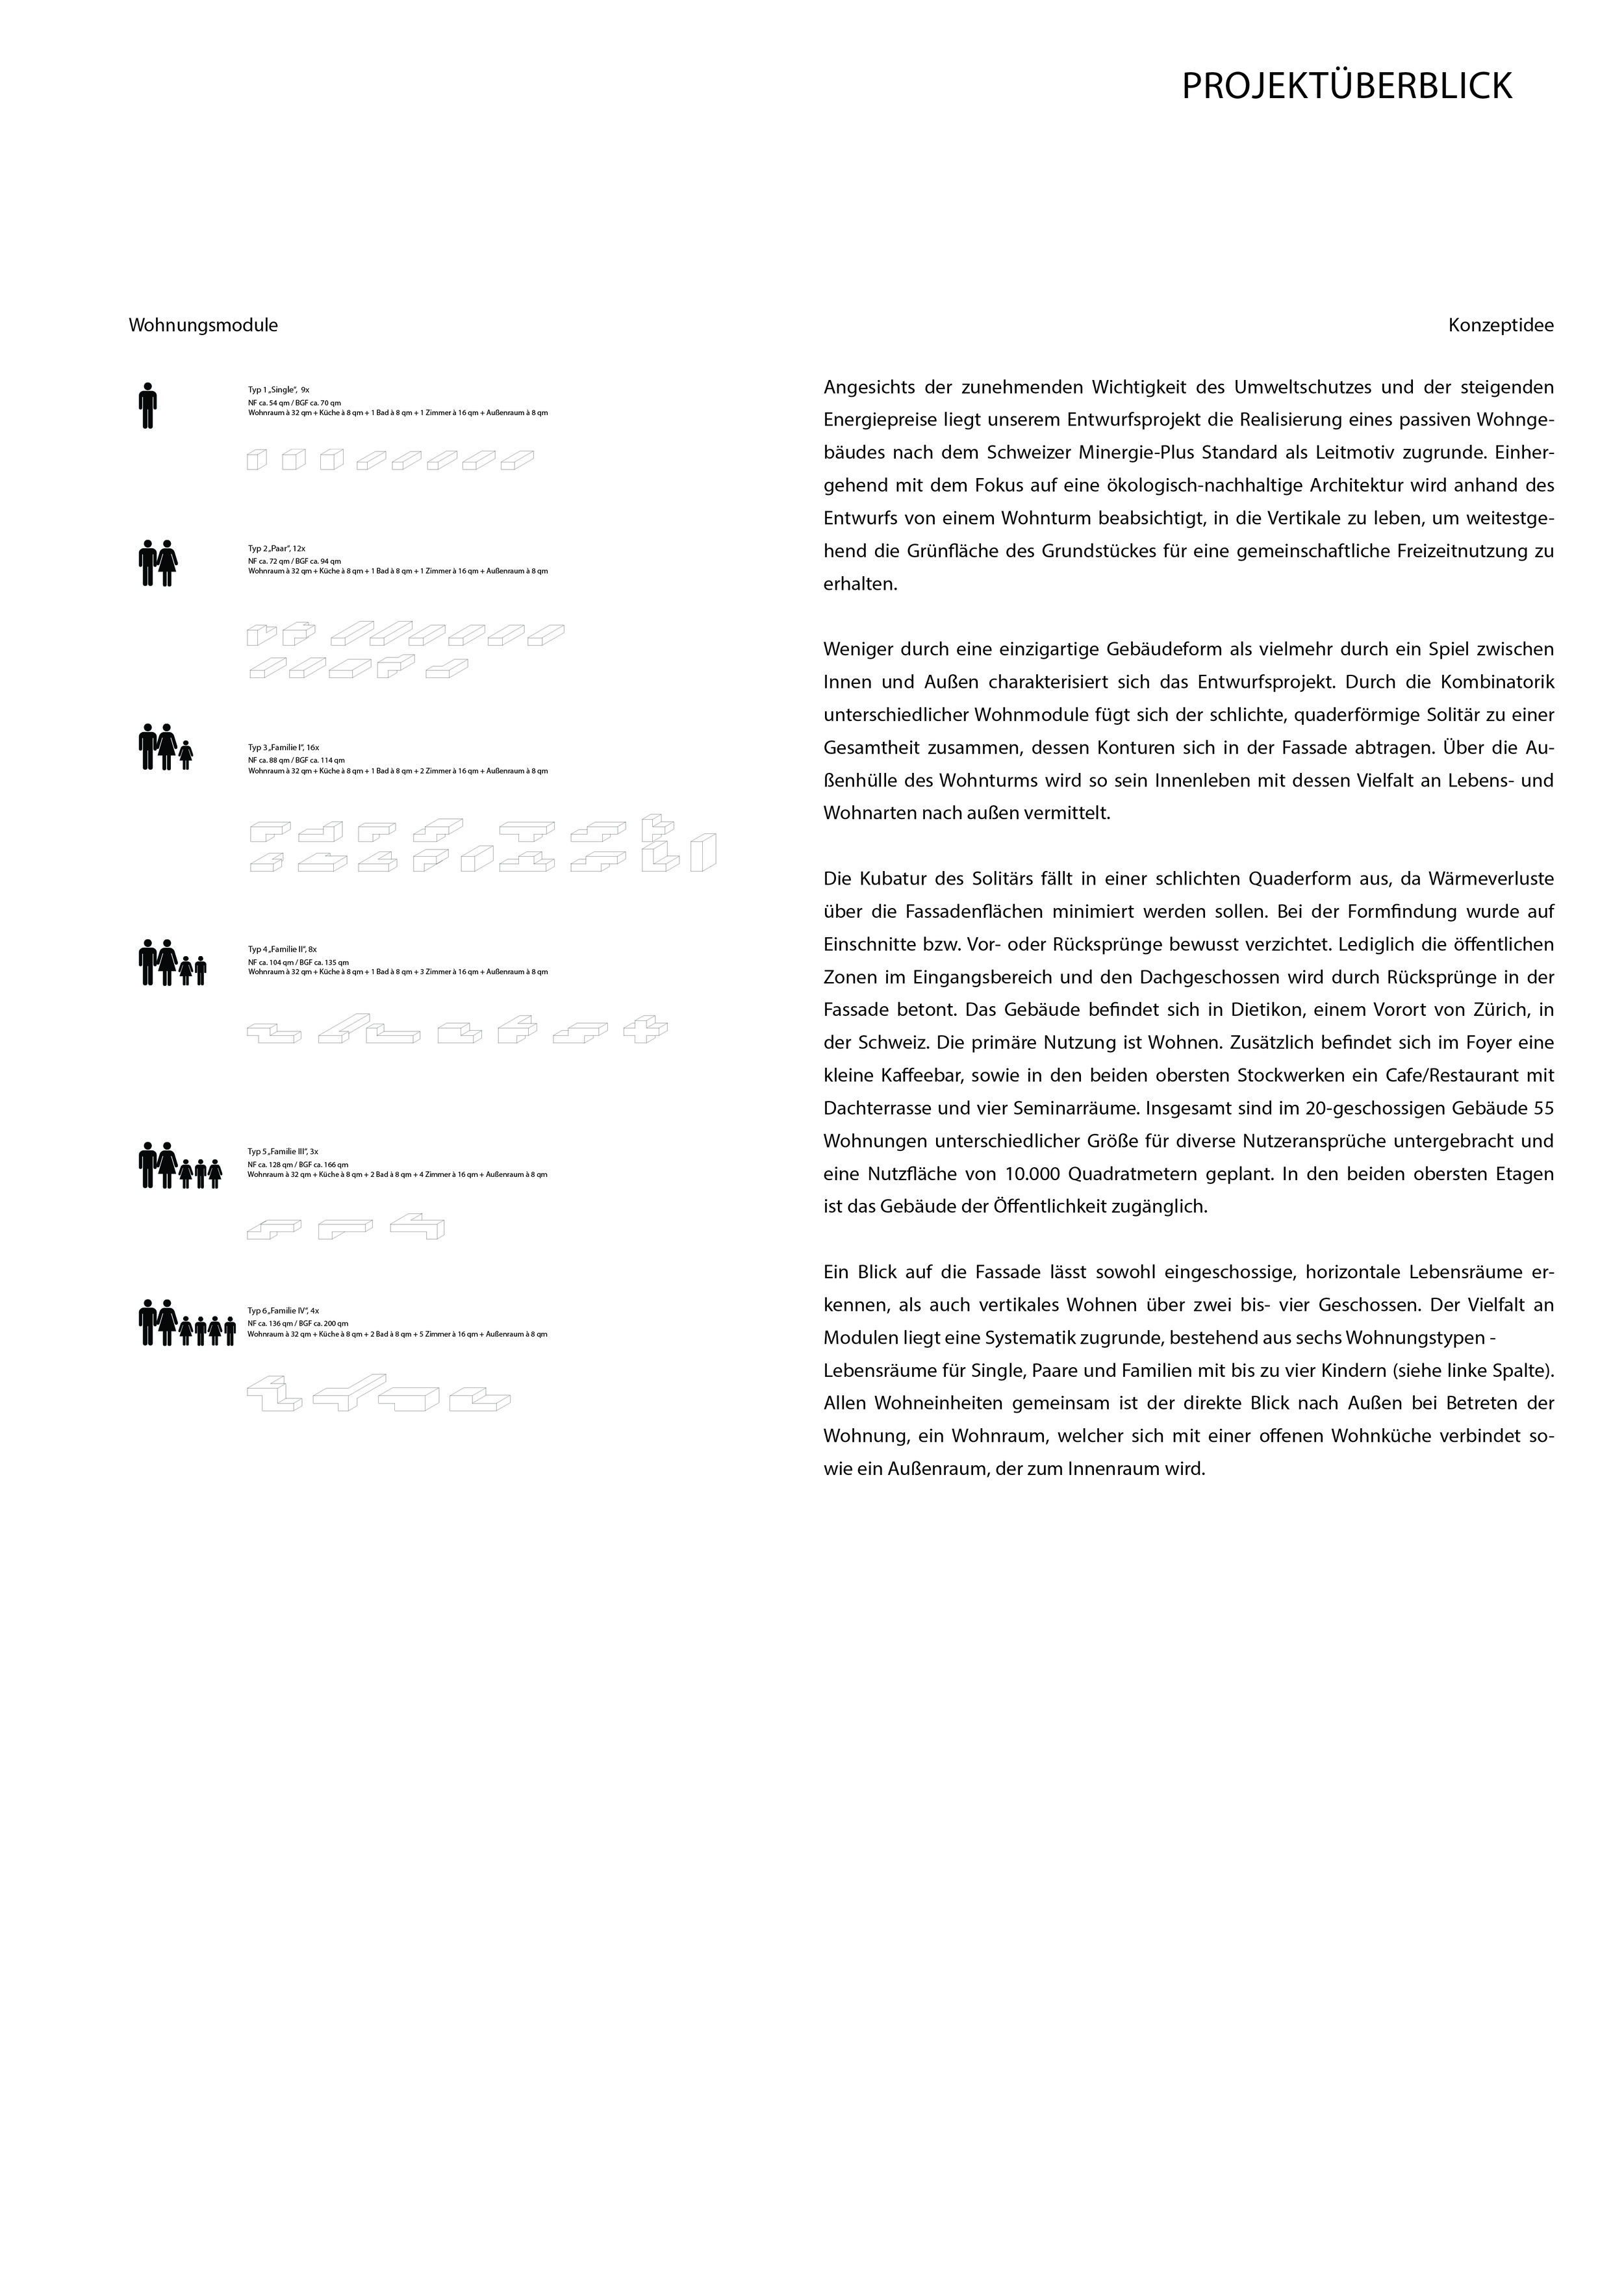 Arbeitsproben_M.Flingelli_08_20124.jpg